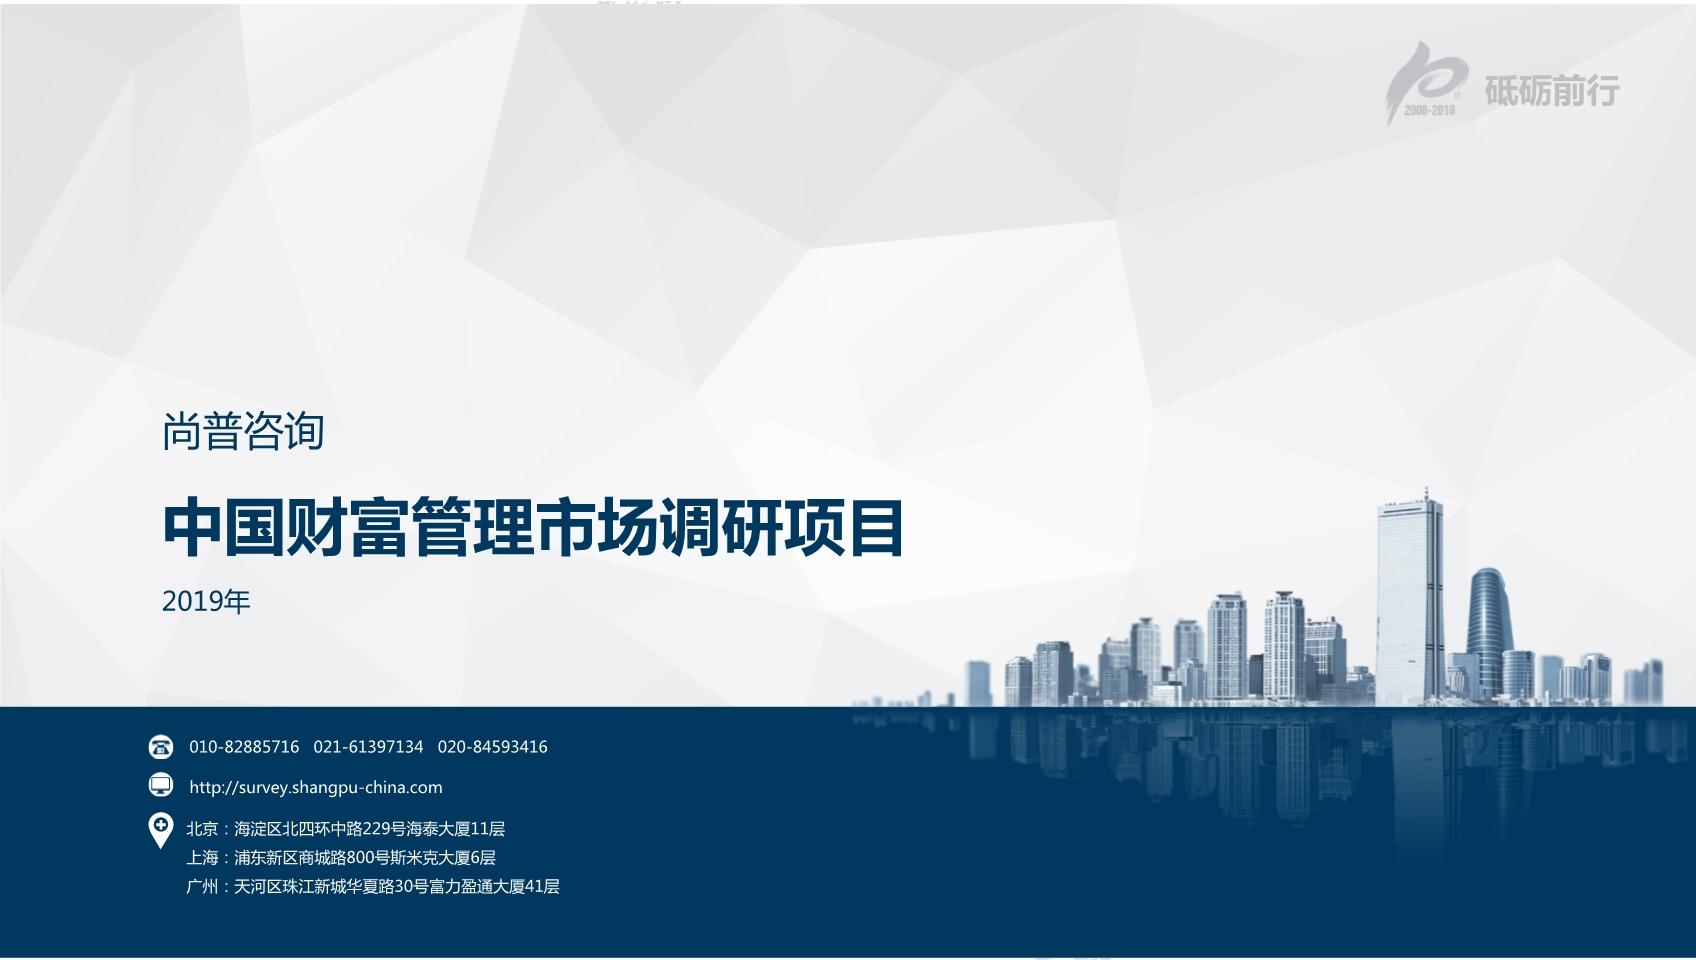 尚普咨询-中国财富管理市场调研项目